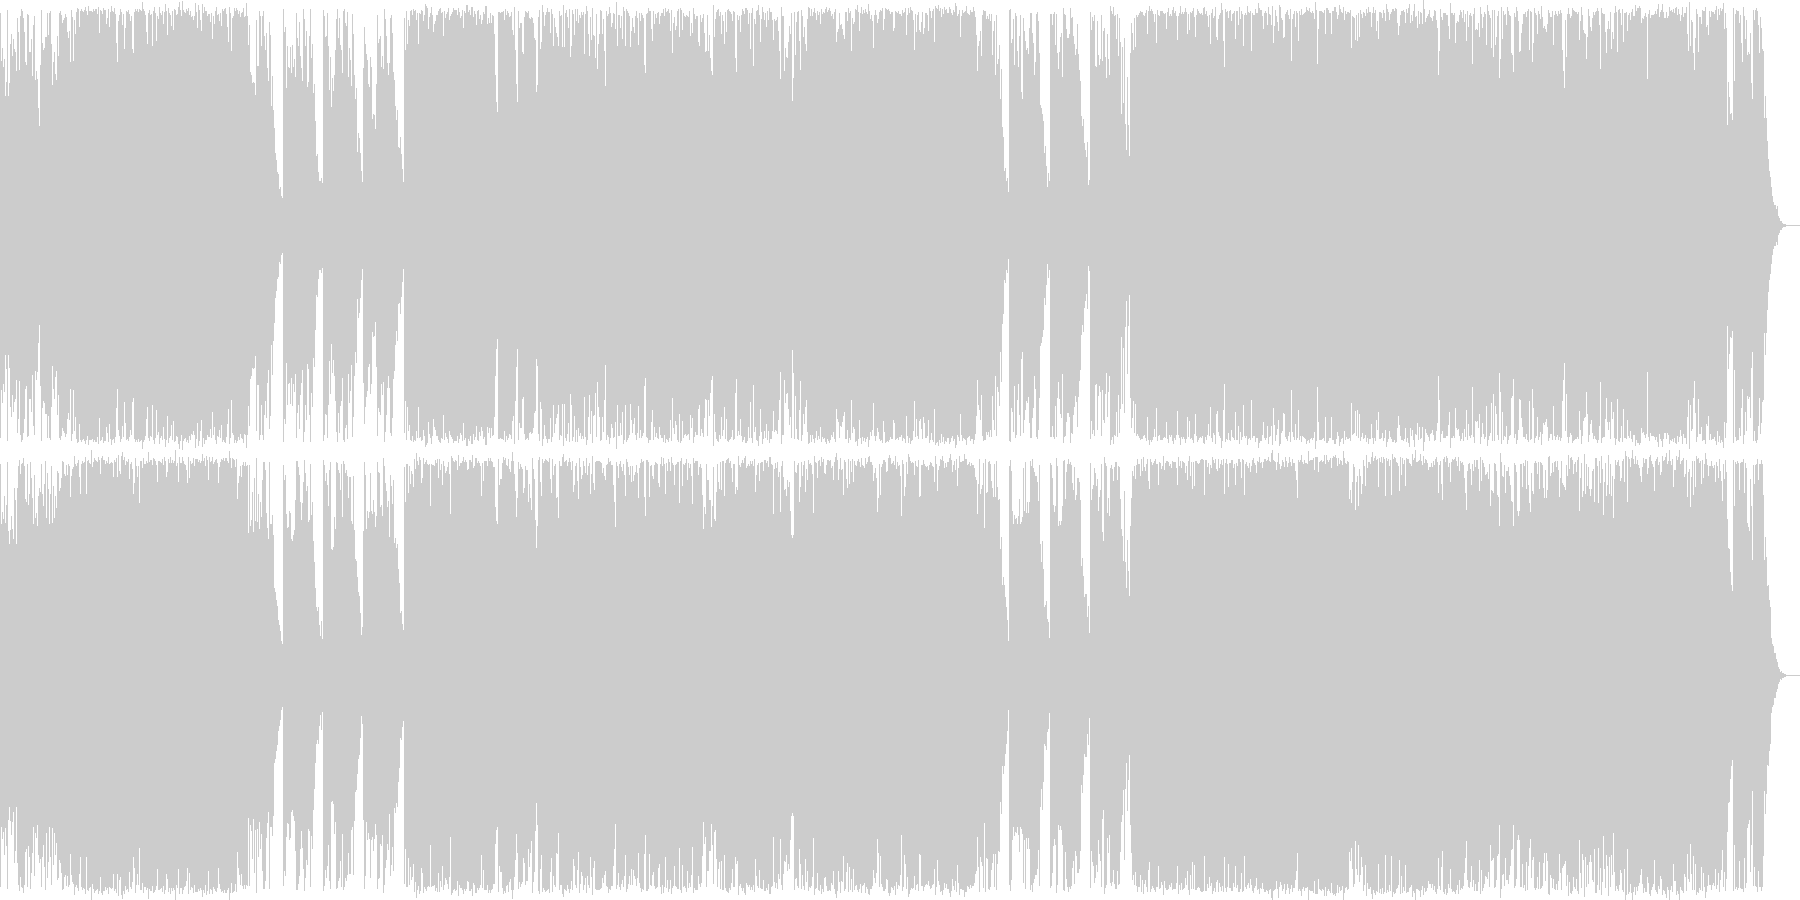 ハロウィン系BGMジャックオーランタン の未再生の波形